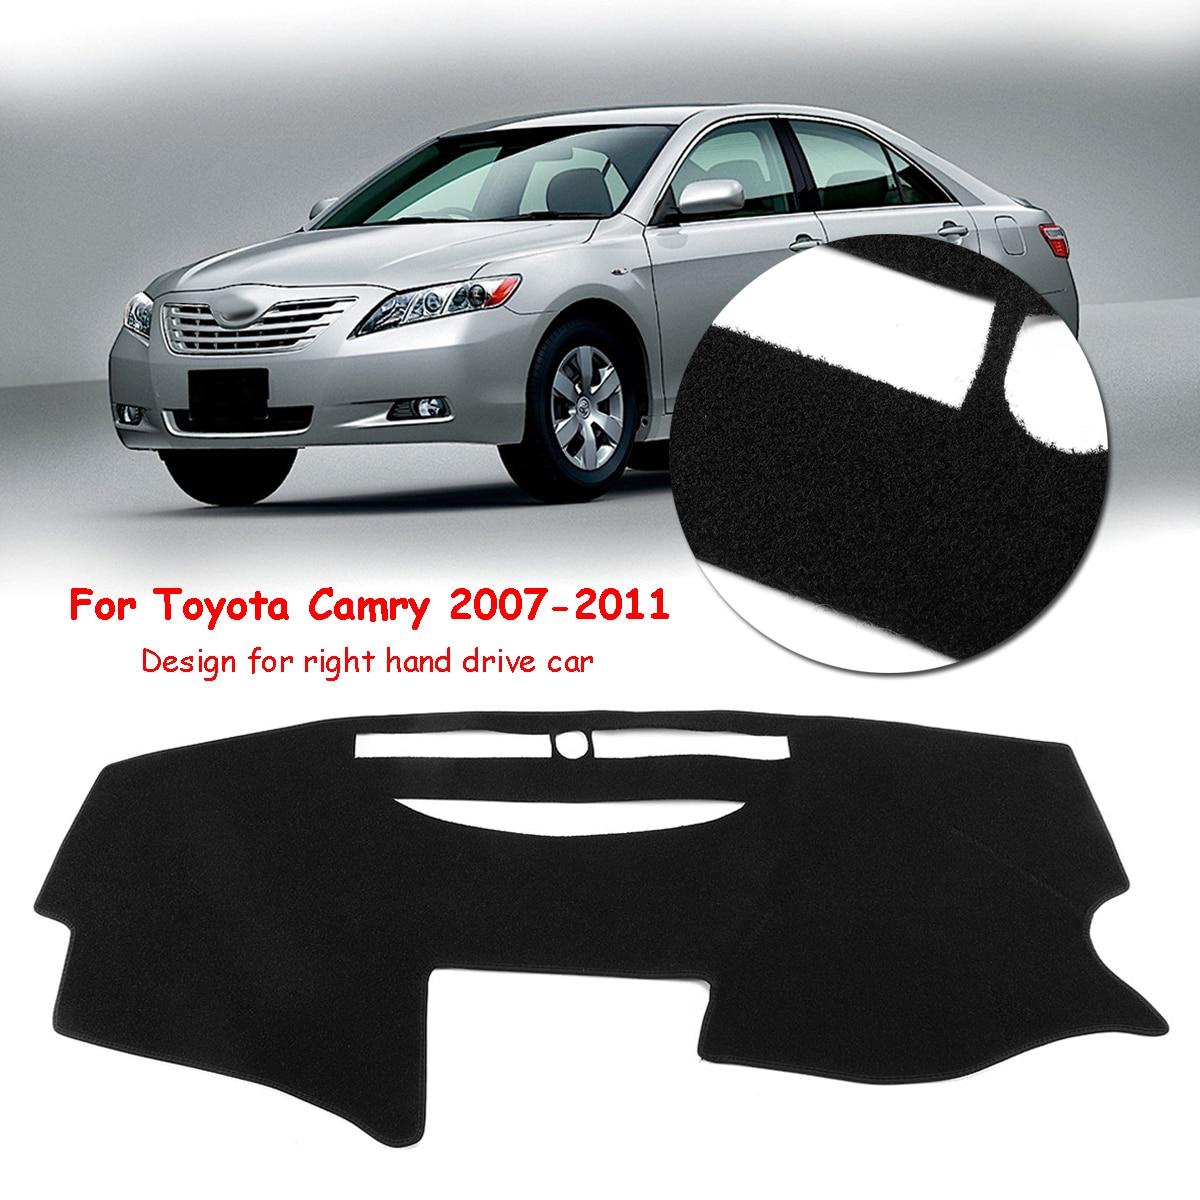 Dashmat автомобиль тире ковра приборной панели солнца Обложка для Toyota Camry 2007-2011 РЖС защищает ультрафиолетовых лучей устраняет трещины рассеива...